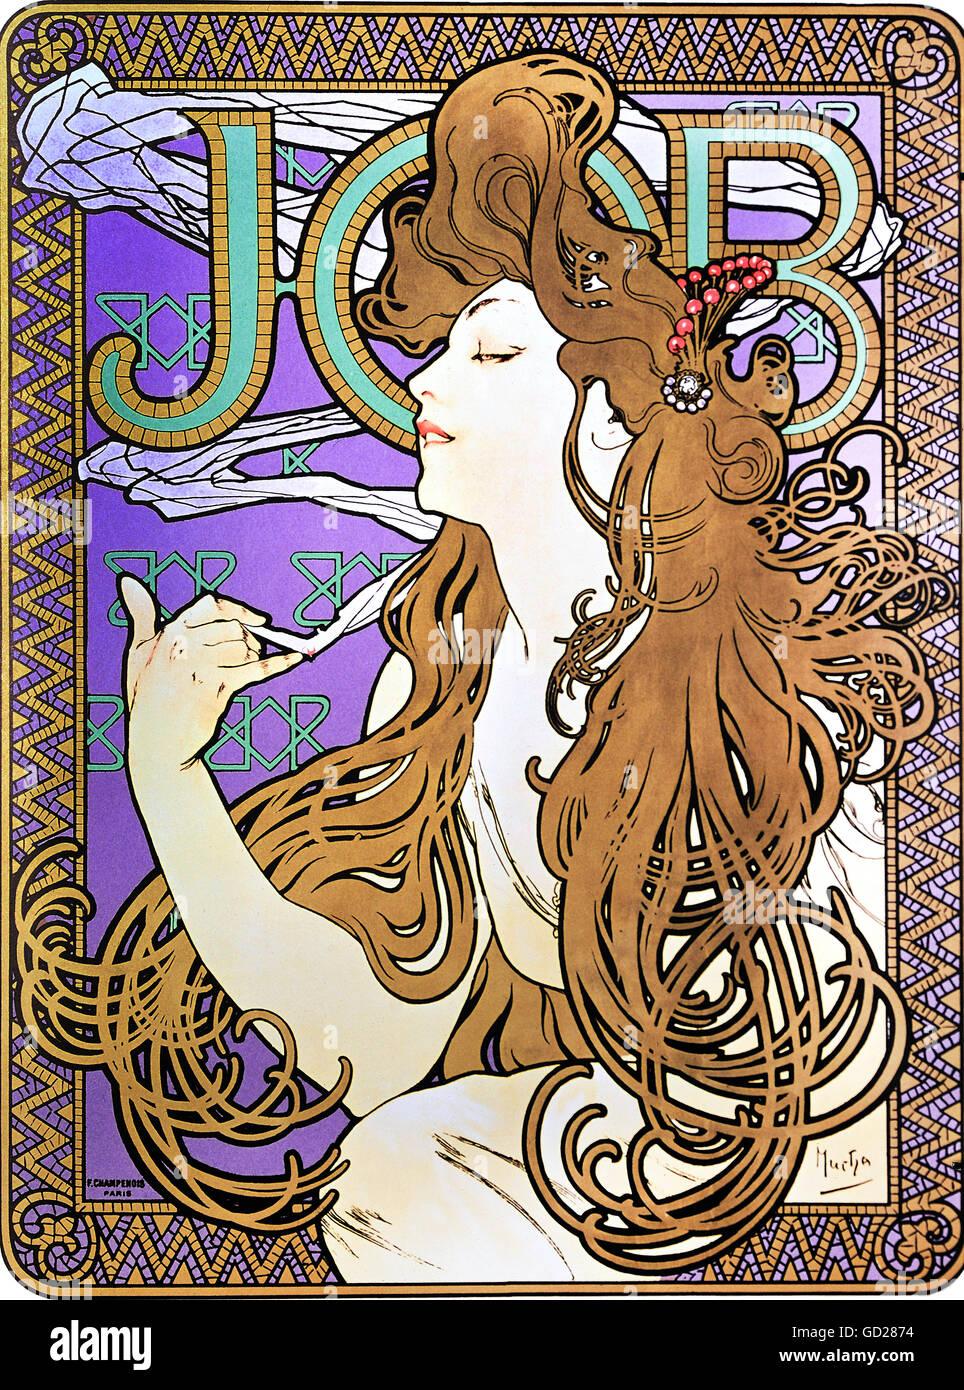 Beaux-arts, Mucha, Alphonse (1860 - 1939), affiche, affiche publicitaire pour les cigarettes 'Travail', lithographie couleur, Paris, vers 1900, collection privée, l'artiste n'a pas d'auteur pour être effacé Banque D'Images